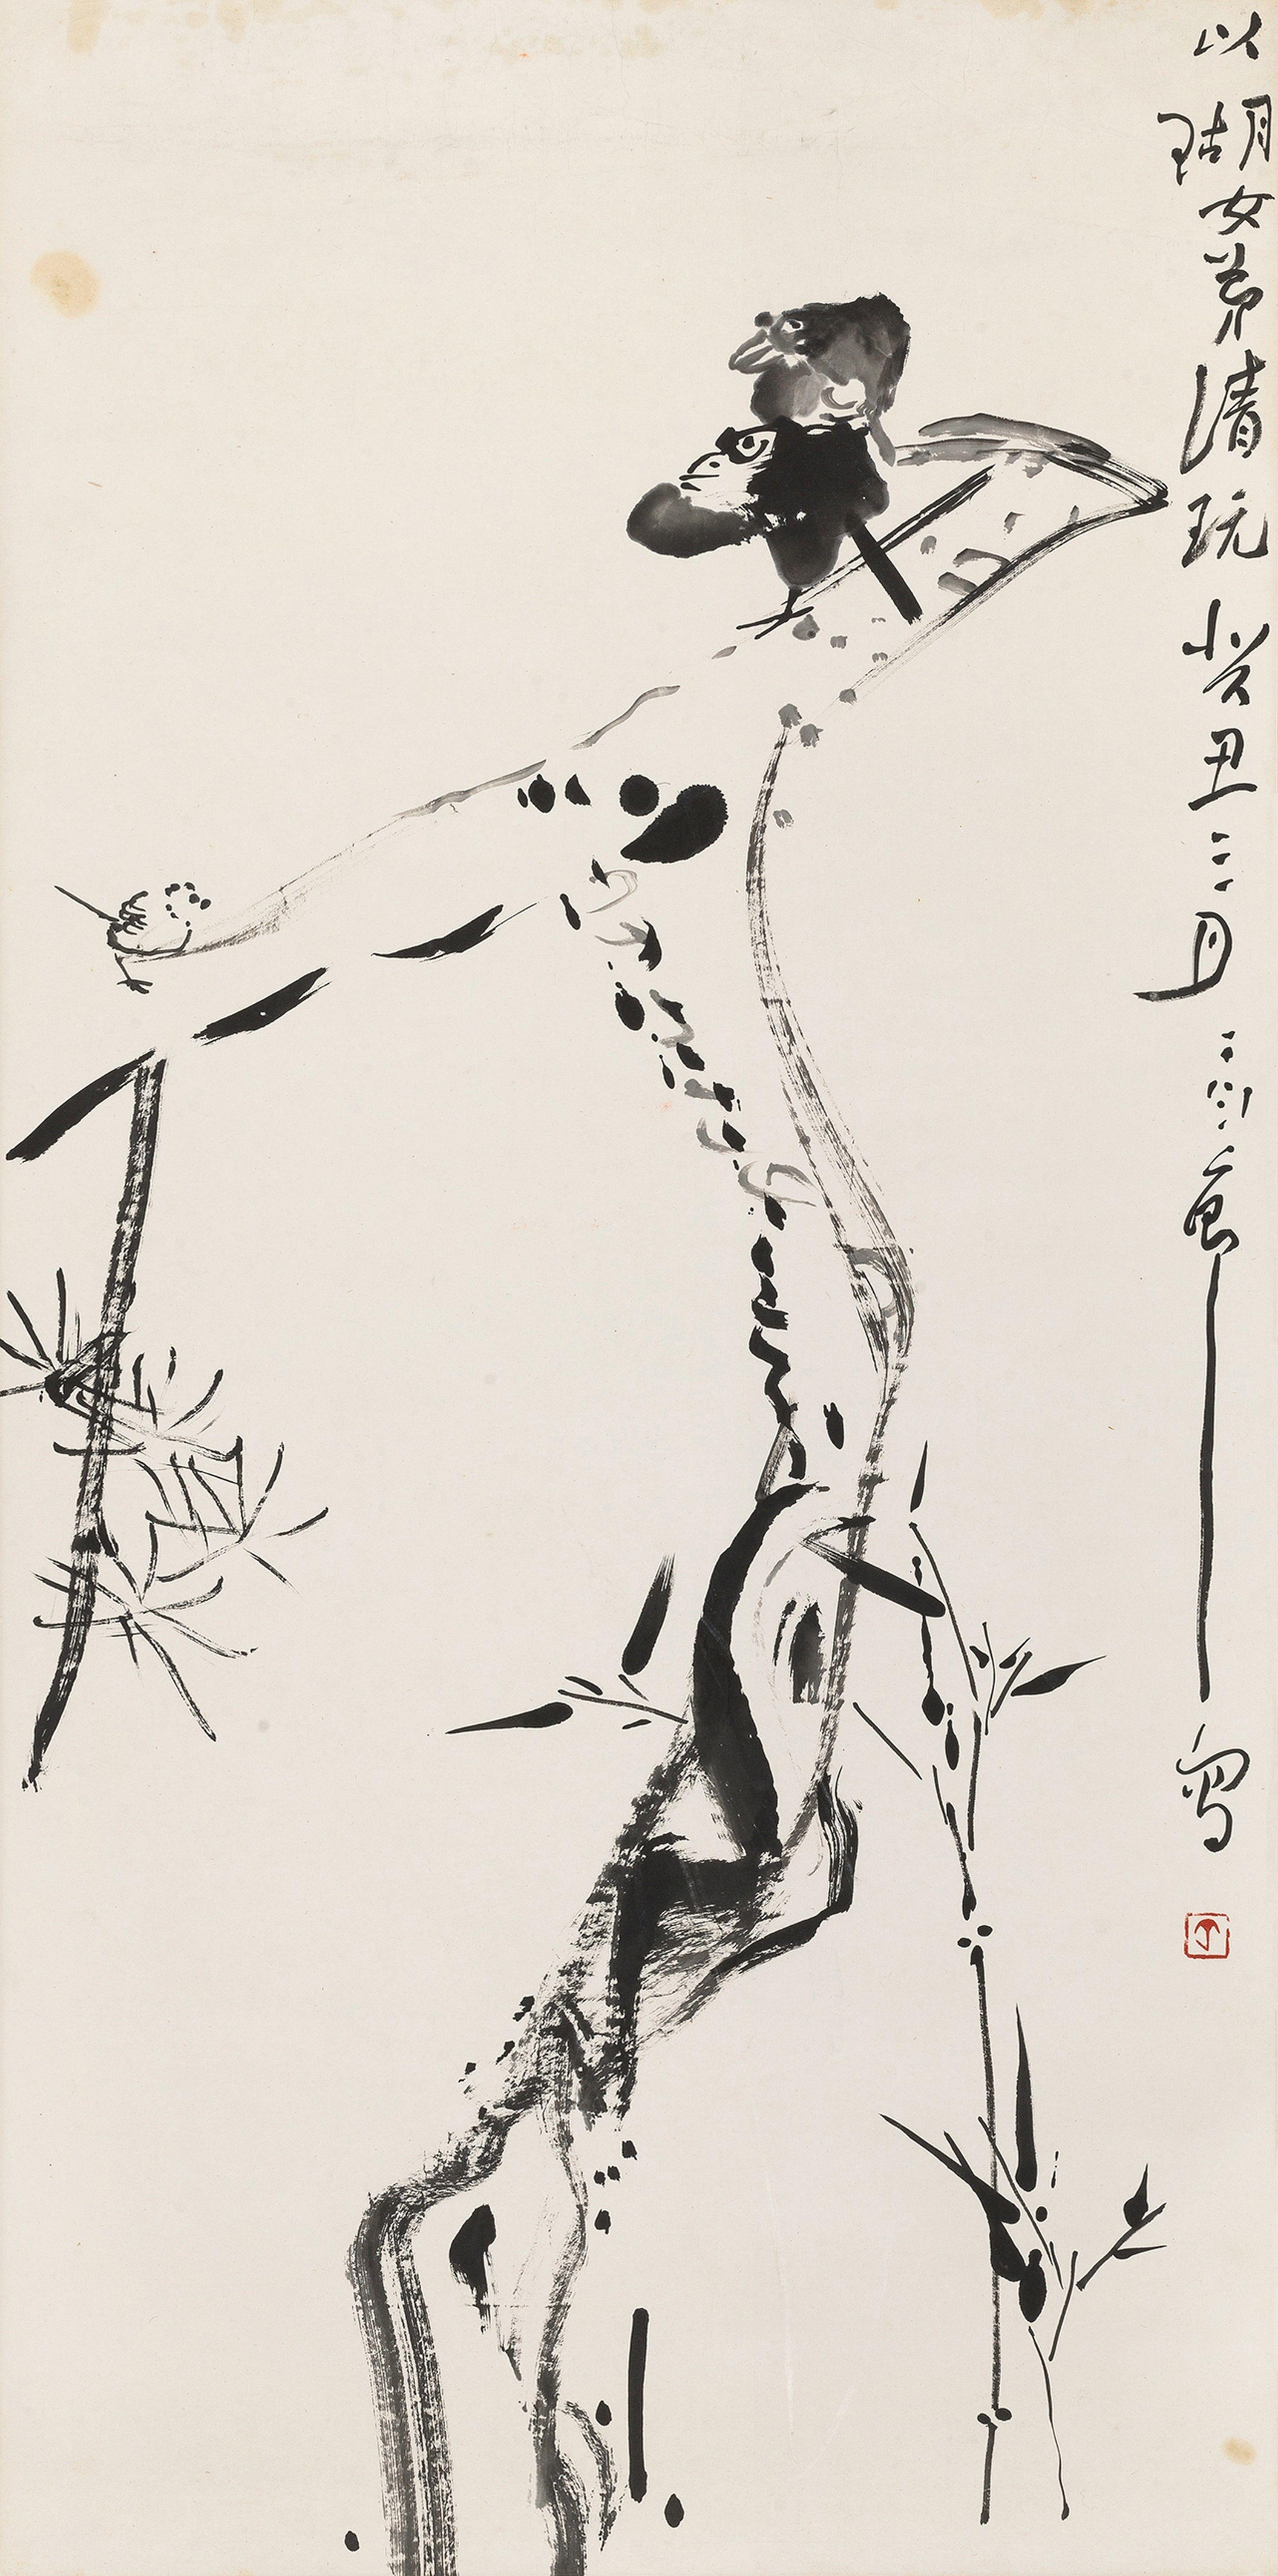 China Guardian Zen Art Zen Art Japanese Painting Art